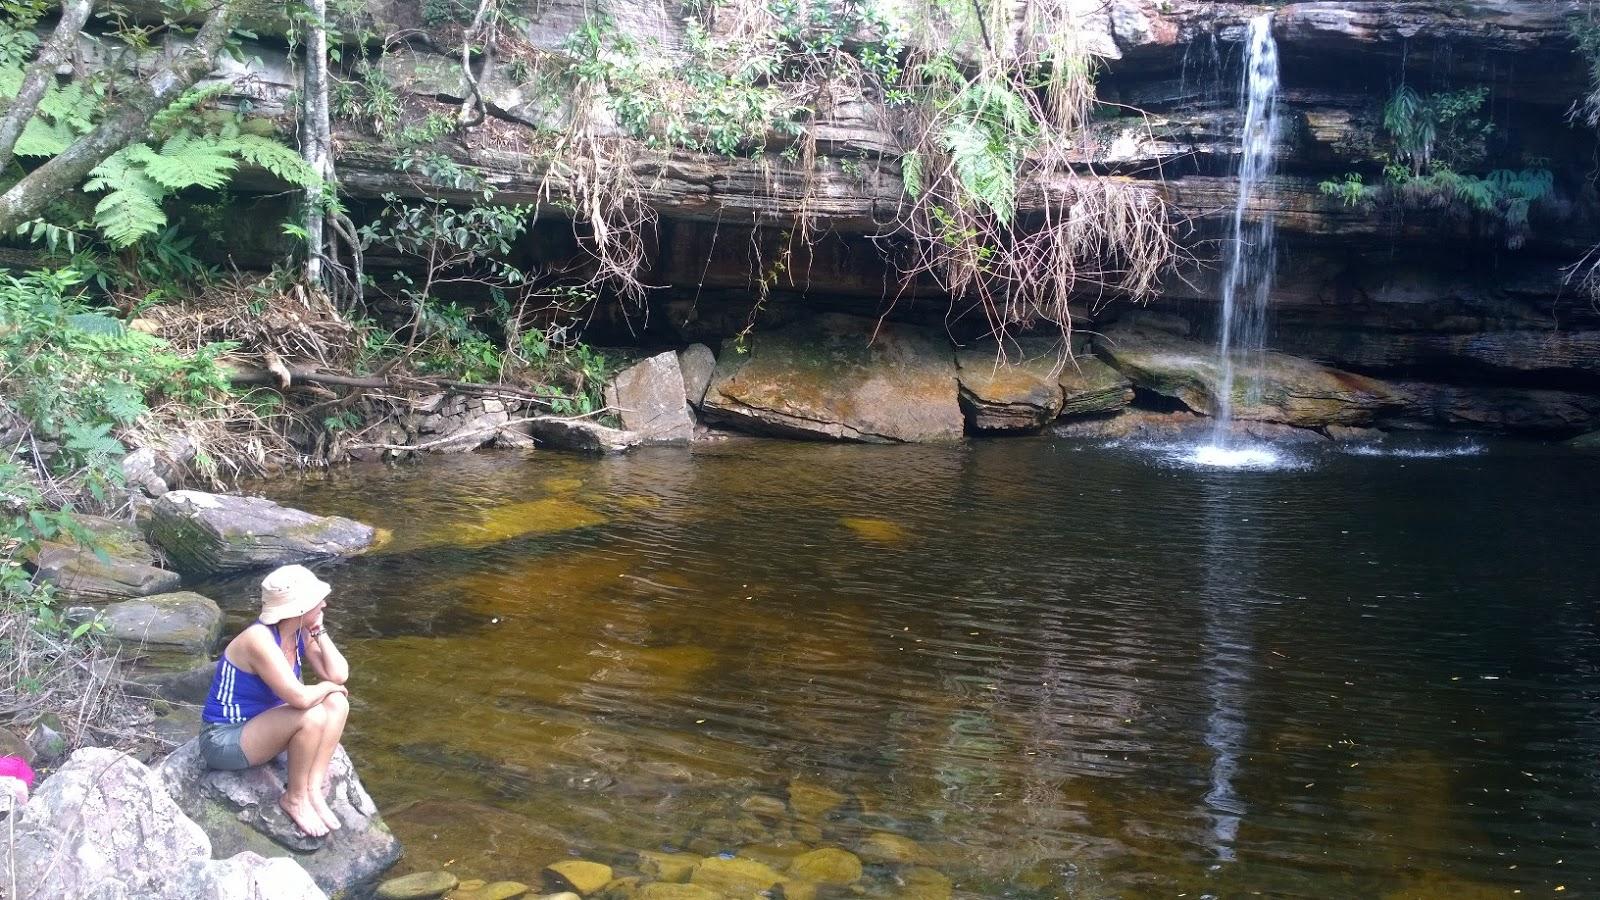 Cachoeira do Juraci - Lencois